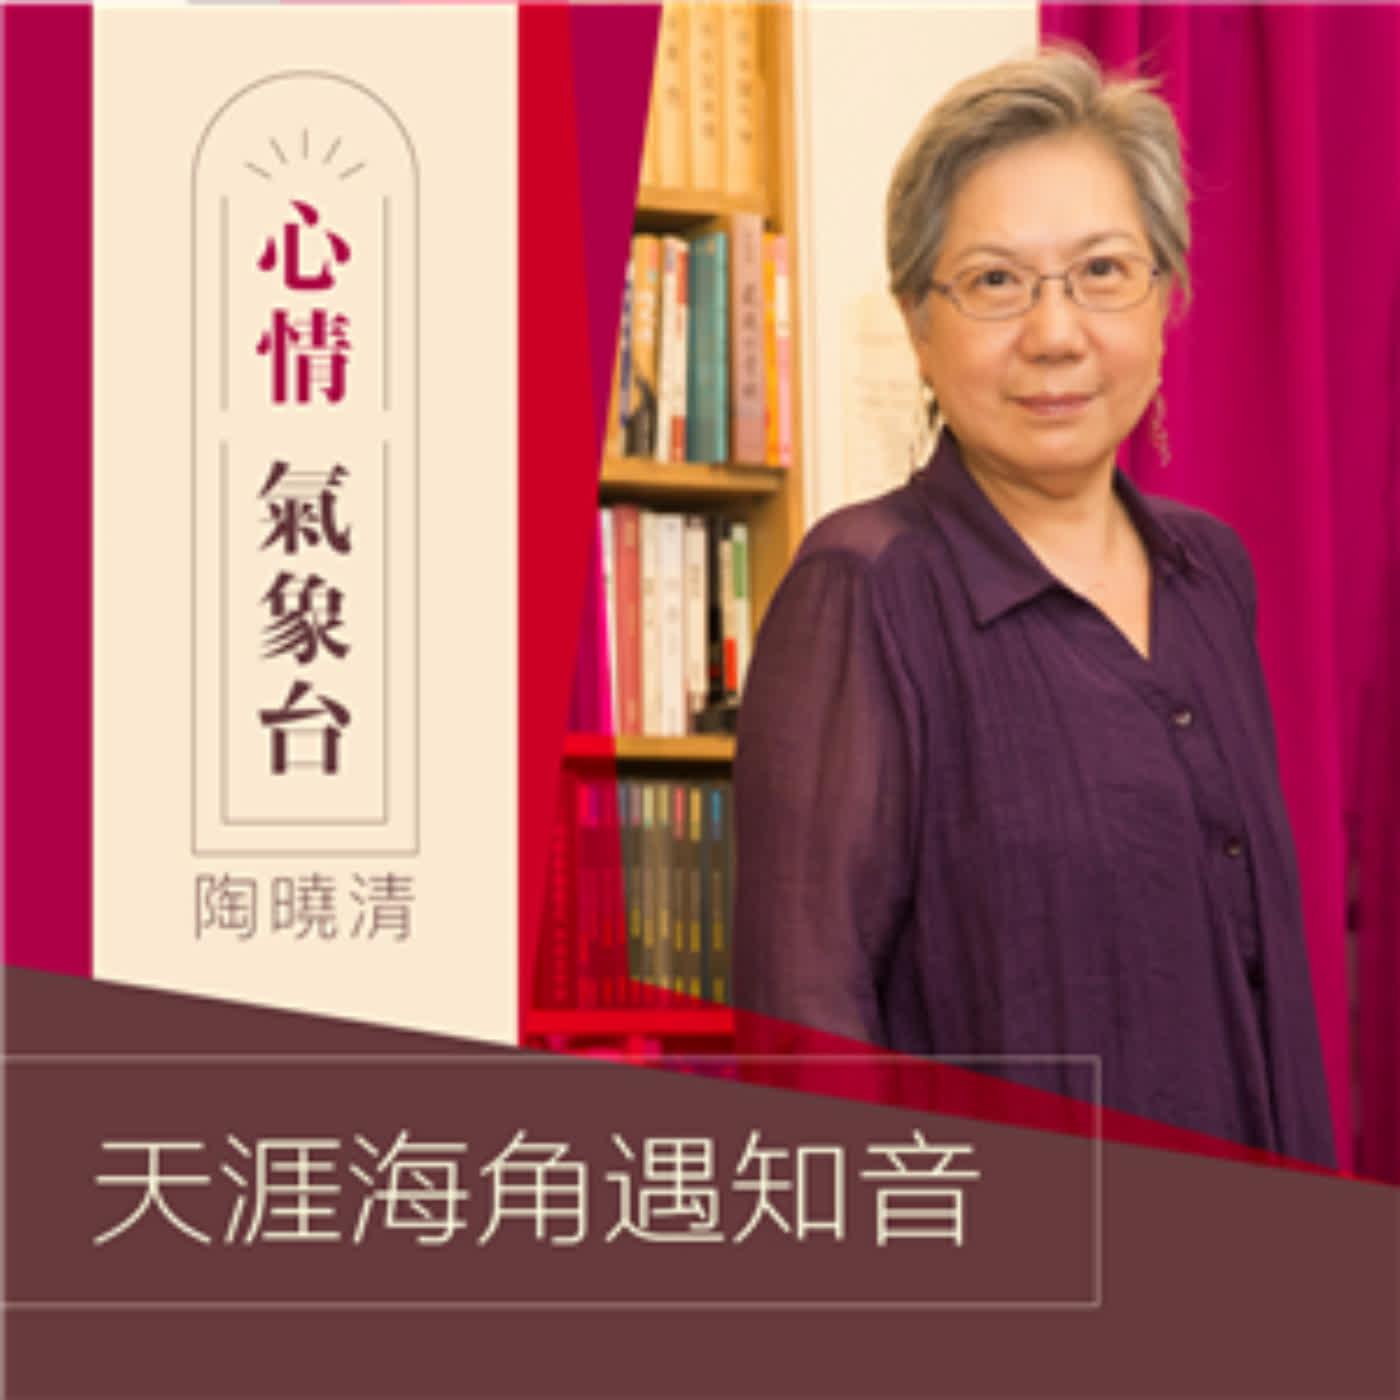 北京蘇來 東京博物館顏真卿展2